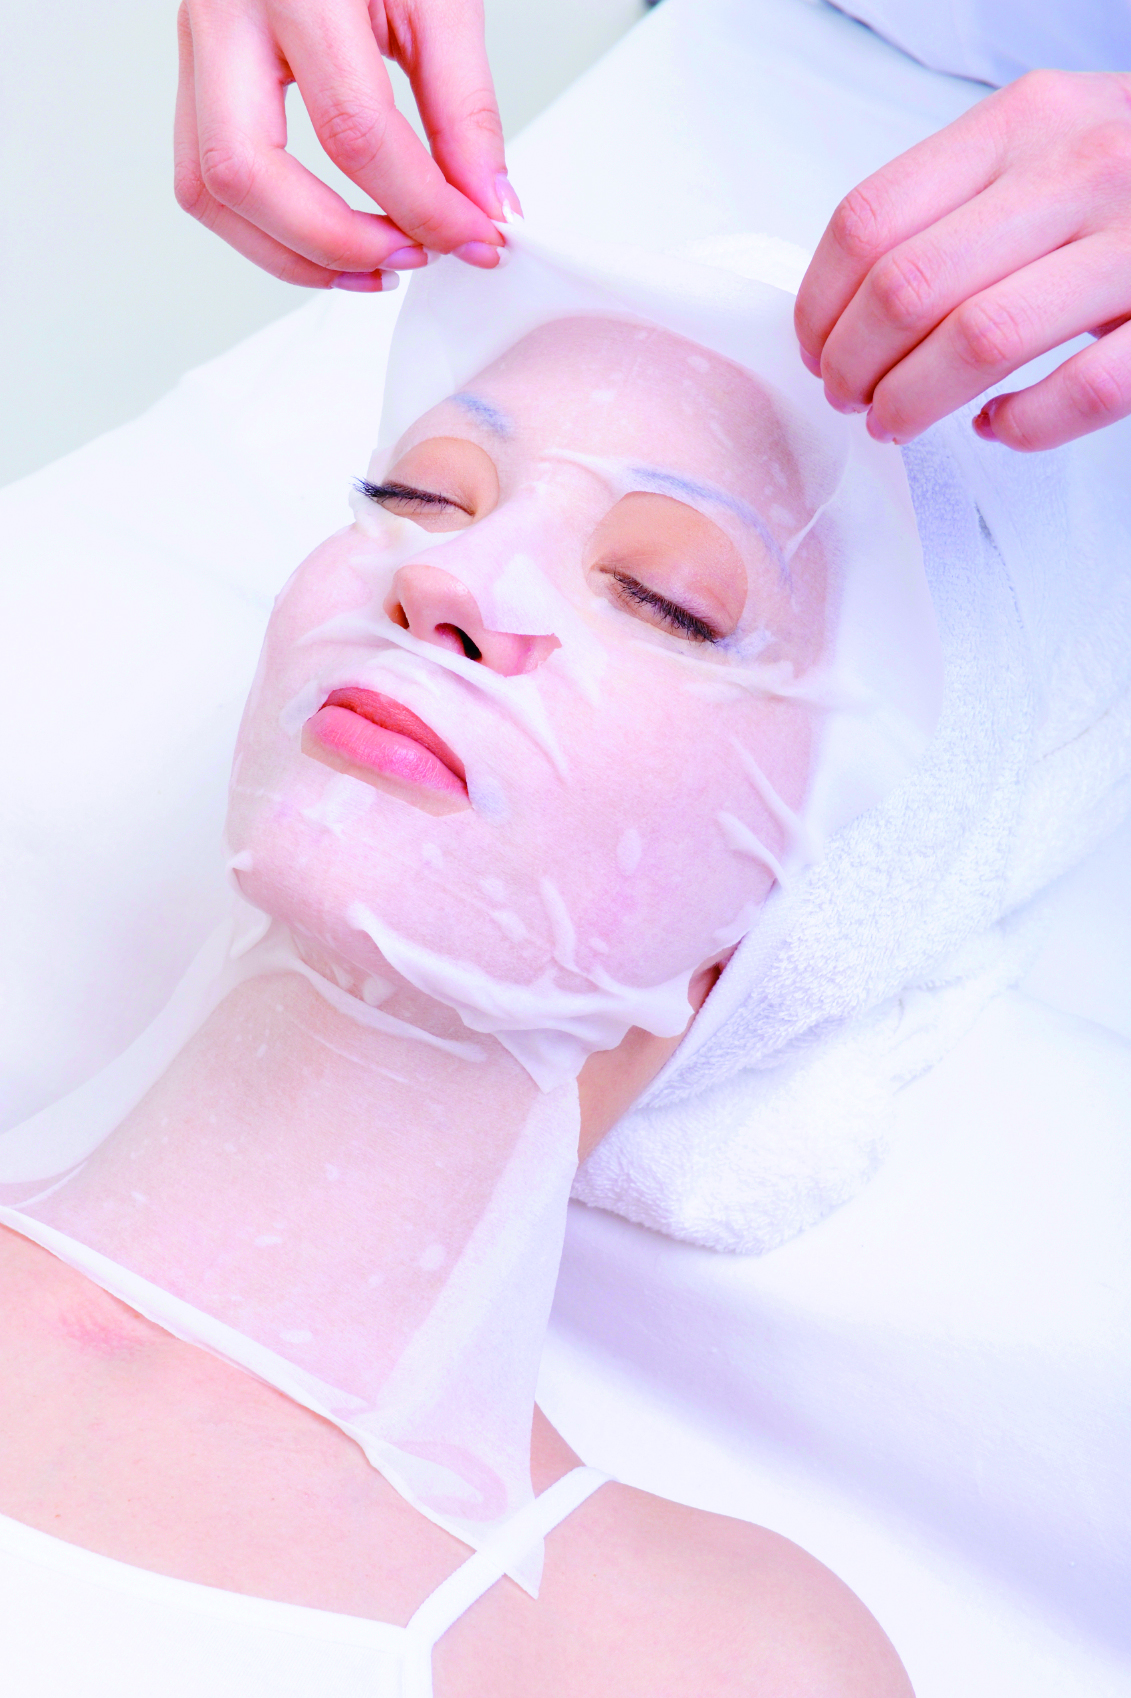 Microneulaus - Mikroneulaus on tehokkaimpia hoitoja kun haluat hoitaa iholtasi vanhenemisen merkkejä (rypyt ja juonteet), arpia (akne, raskaus, kirurgiset toimenpiteet), hyperpigmentaatiota (maksaläiskät) ja suurentuneita huokosia. Couperosaiho vahvistuu, ja ihon väri tasoittuu.Rullauksella syntyy tuhansia mikrokanavia ihon dermikseen jolloin tehoaineet imeytyvät huomattavasti paremmin. Hoito stimuloi ihoa uudistumaan ja korjaamaan itseään luonnollisesti ja turvallisesti; kollagenin ja elastiinin tuotanto paranee, uusia ihosoluja syntyy nopeammin ja verenkierto paranee.Mikroneulauksen teho paranee sarjahoidon edetessä.